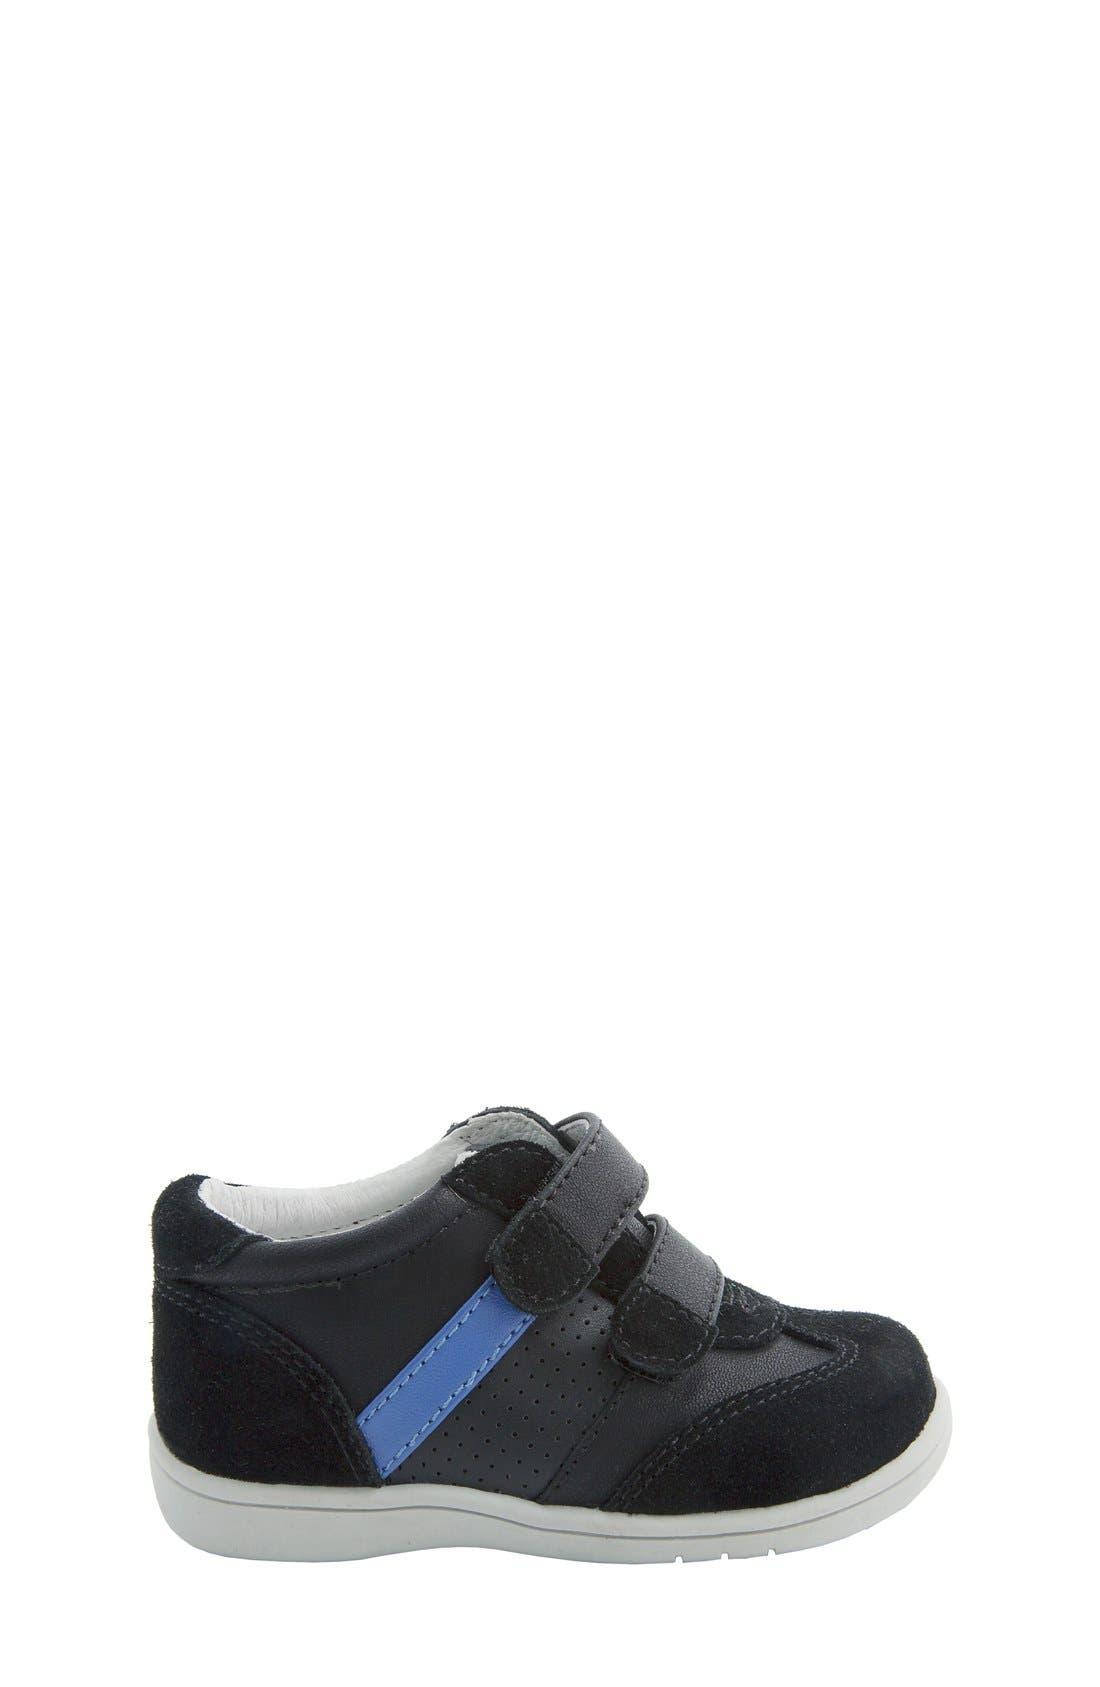 Alternate Image 2  - Nina 'Everest' Sneaker (Baby & Walker)